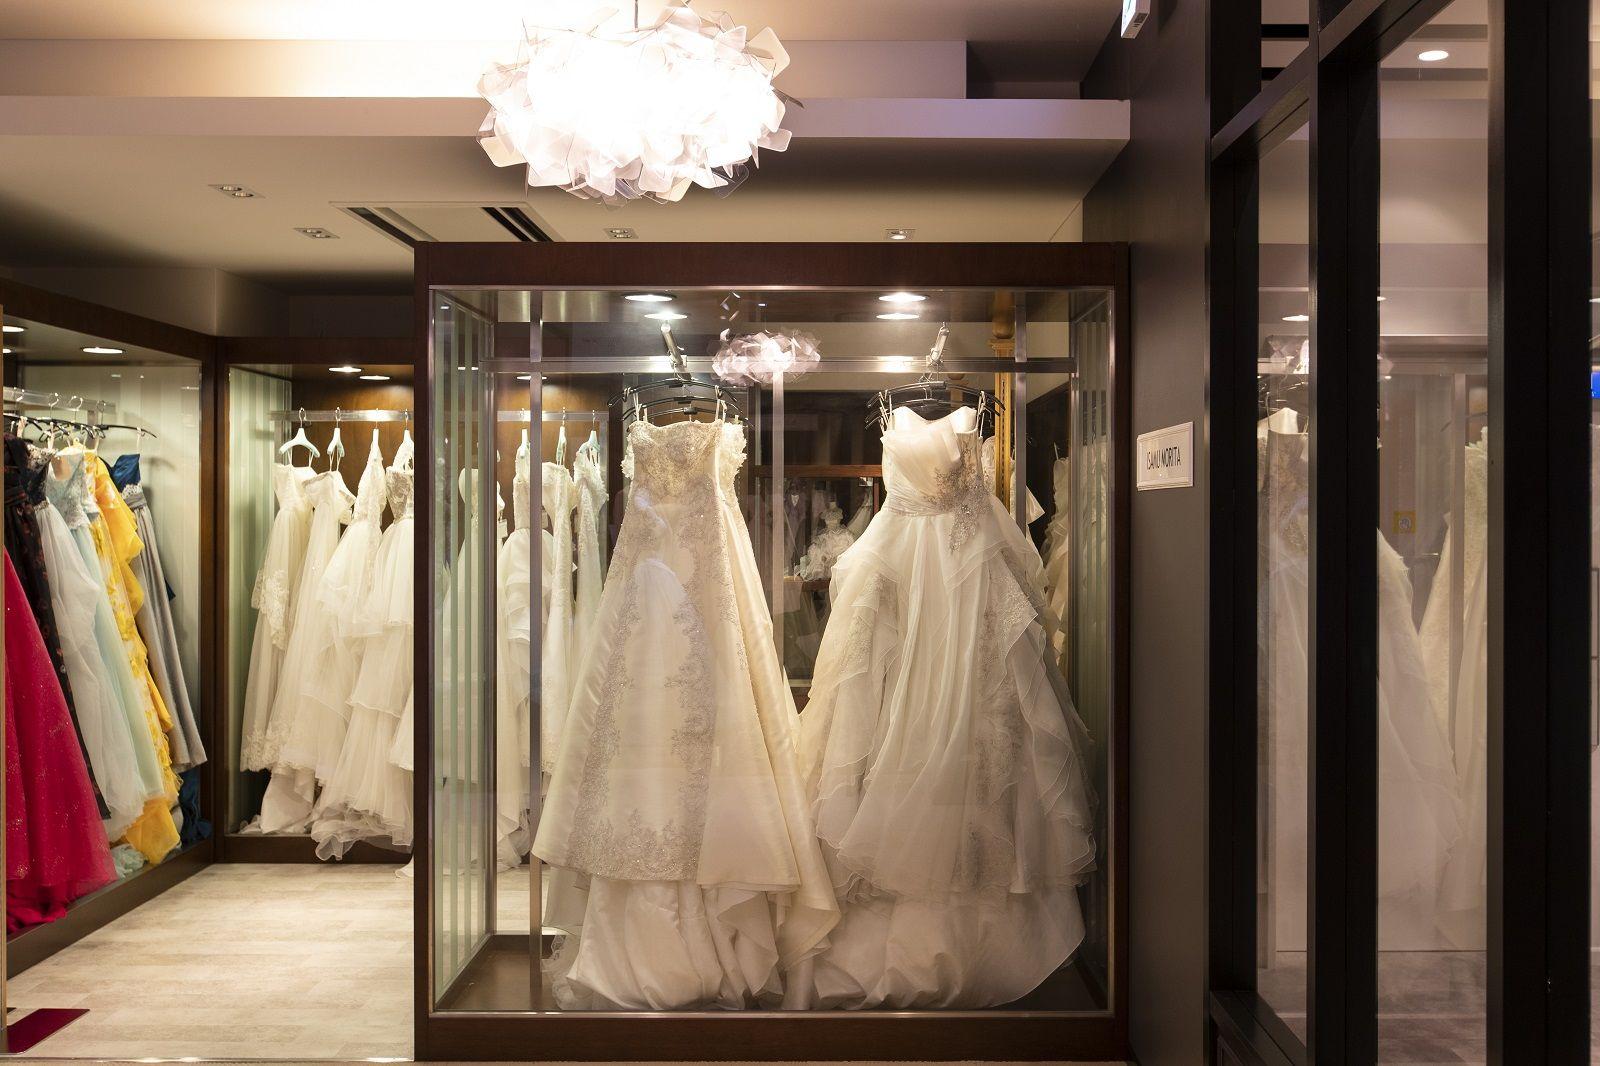 香川県の結婚式場のシェルエメール&アイスタイルのドレス